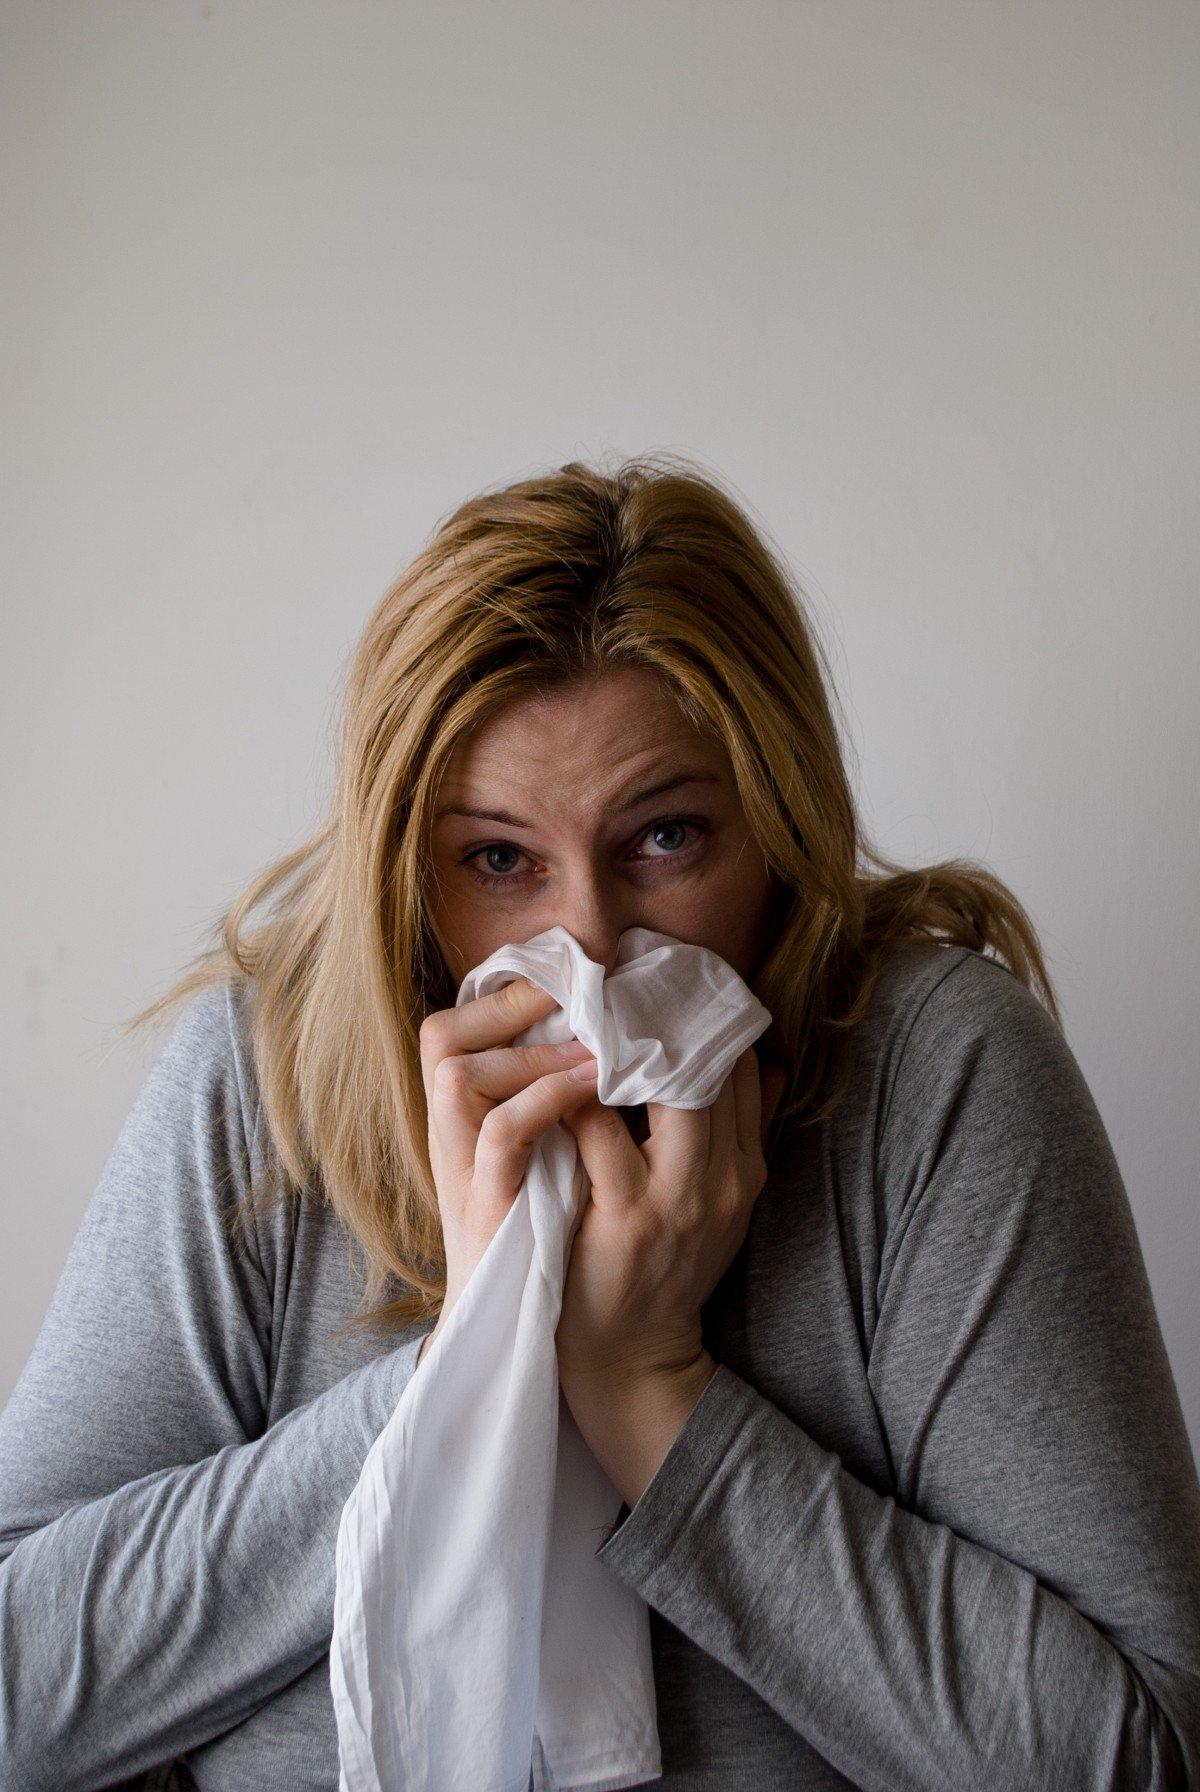 Mujer tosiendo con pañuelo sobre su rostro. | Imagen: PxHere